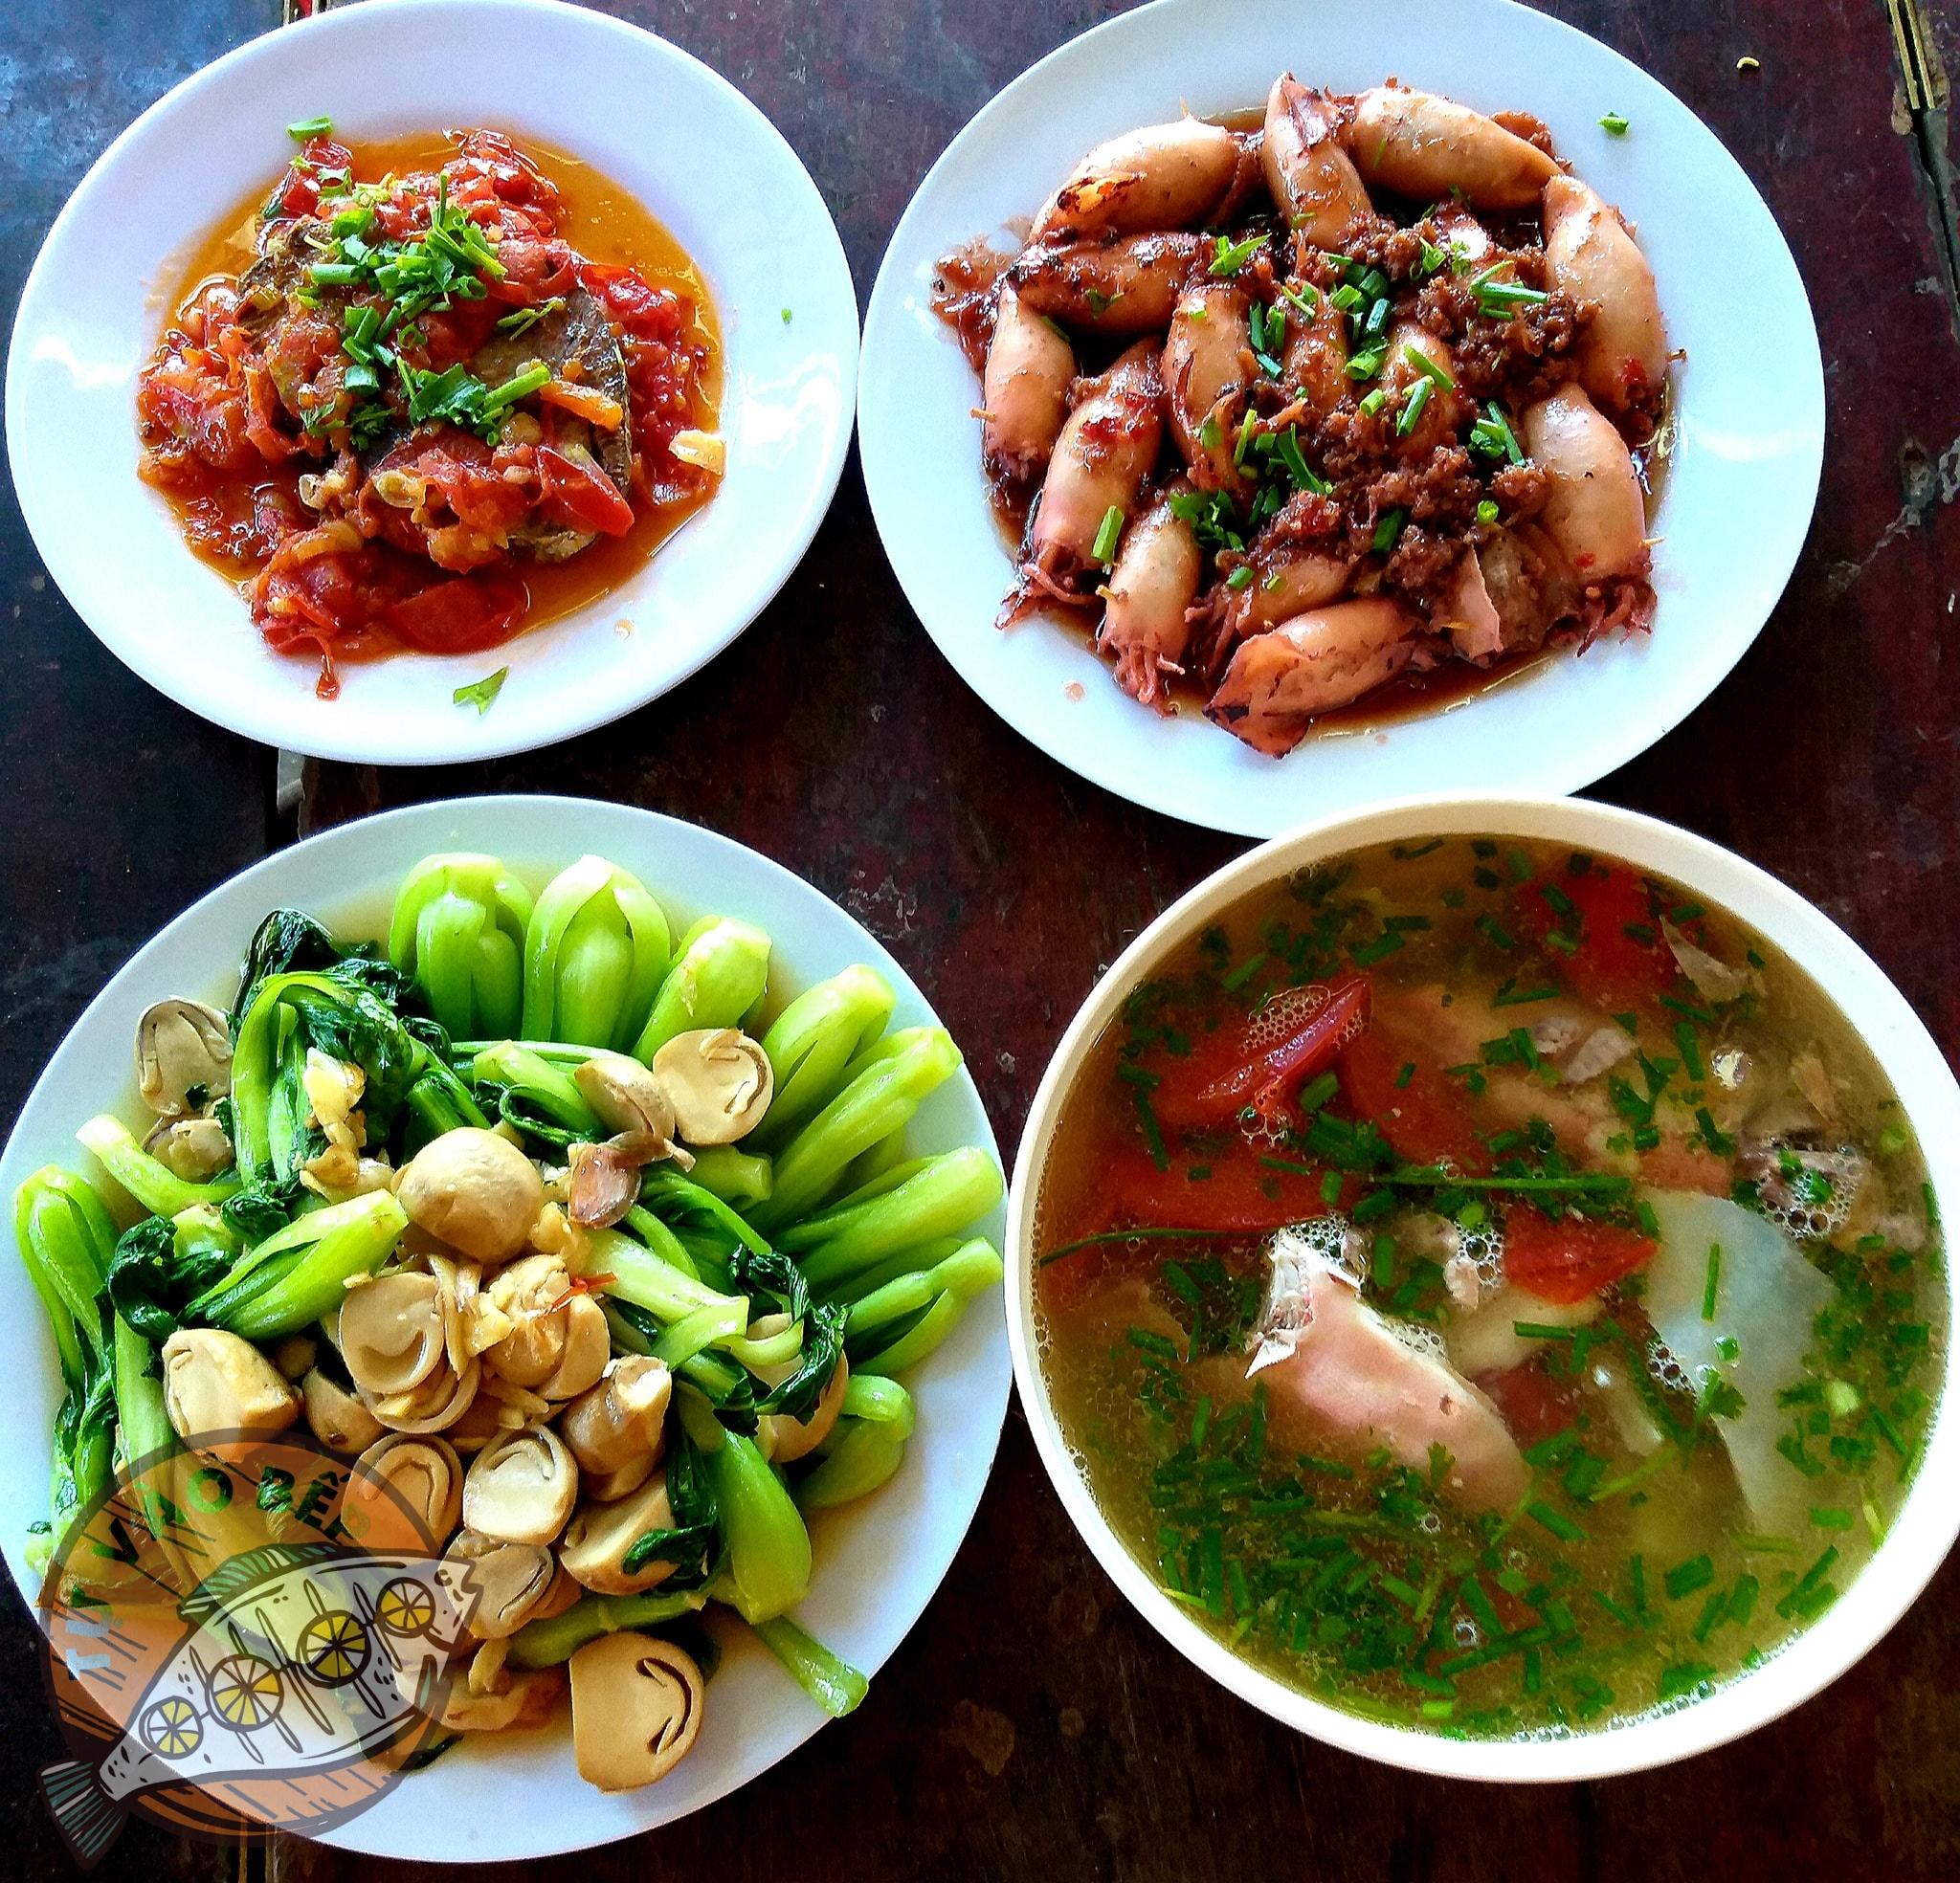 mực dồi rim, rau cải xào nấm rơm, cá chiên sốt cà chua, canh cá nấu riêu